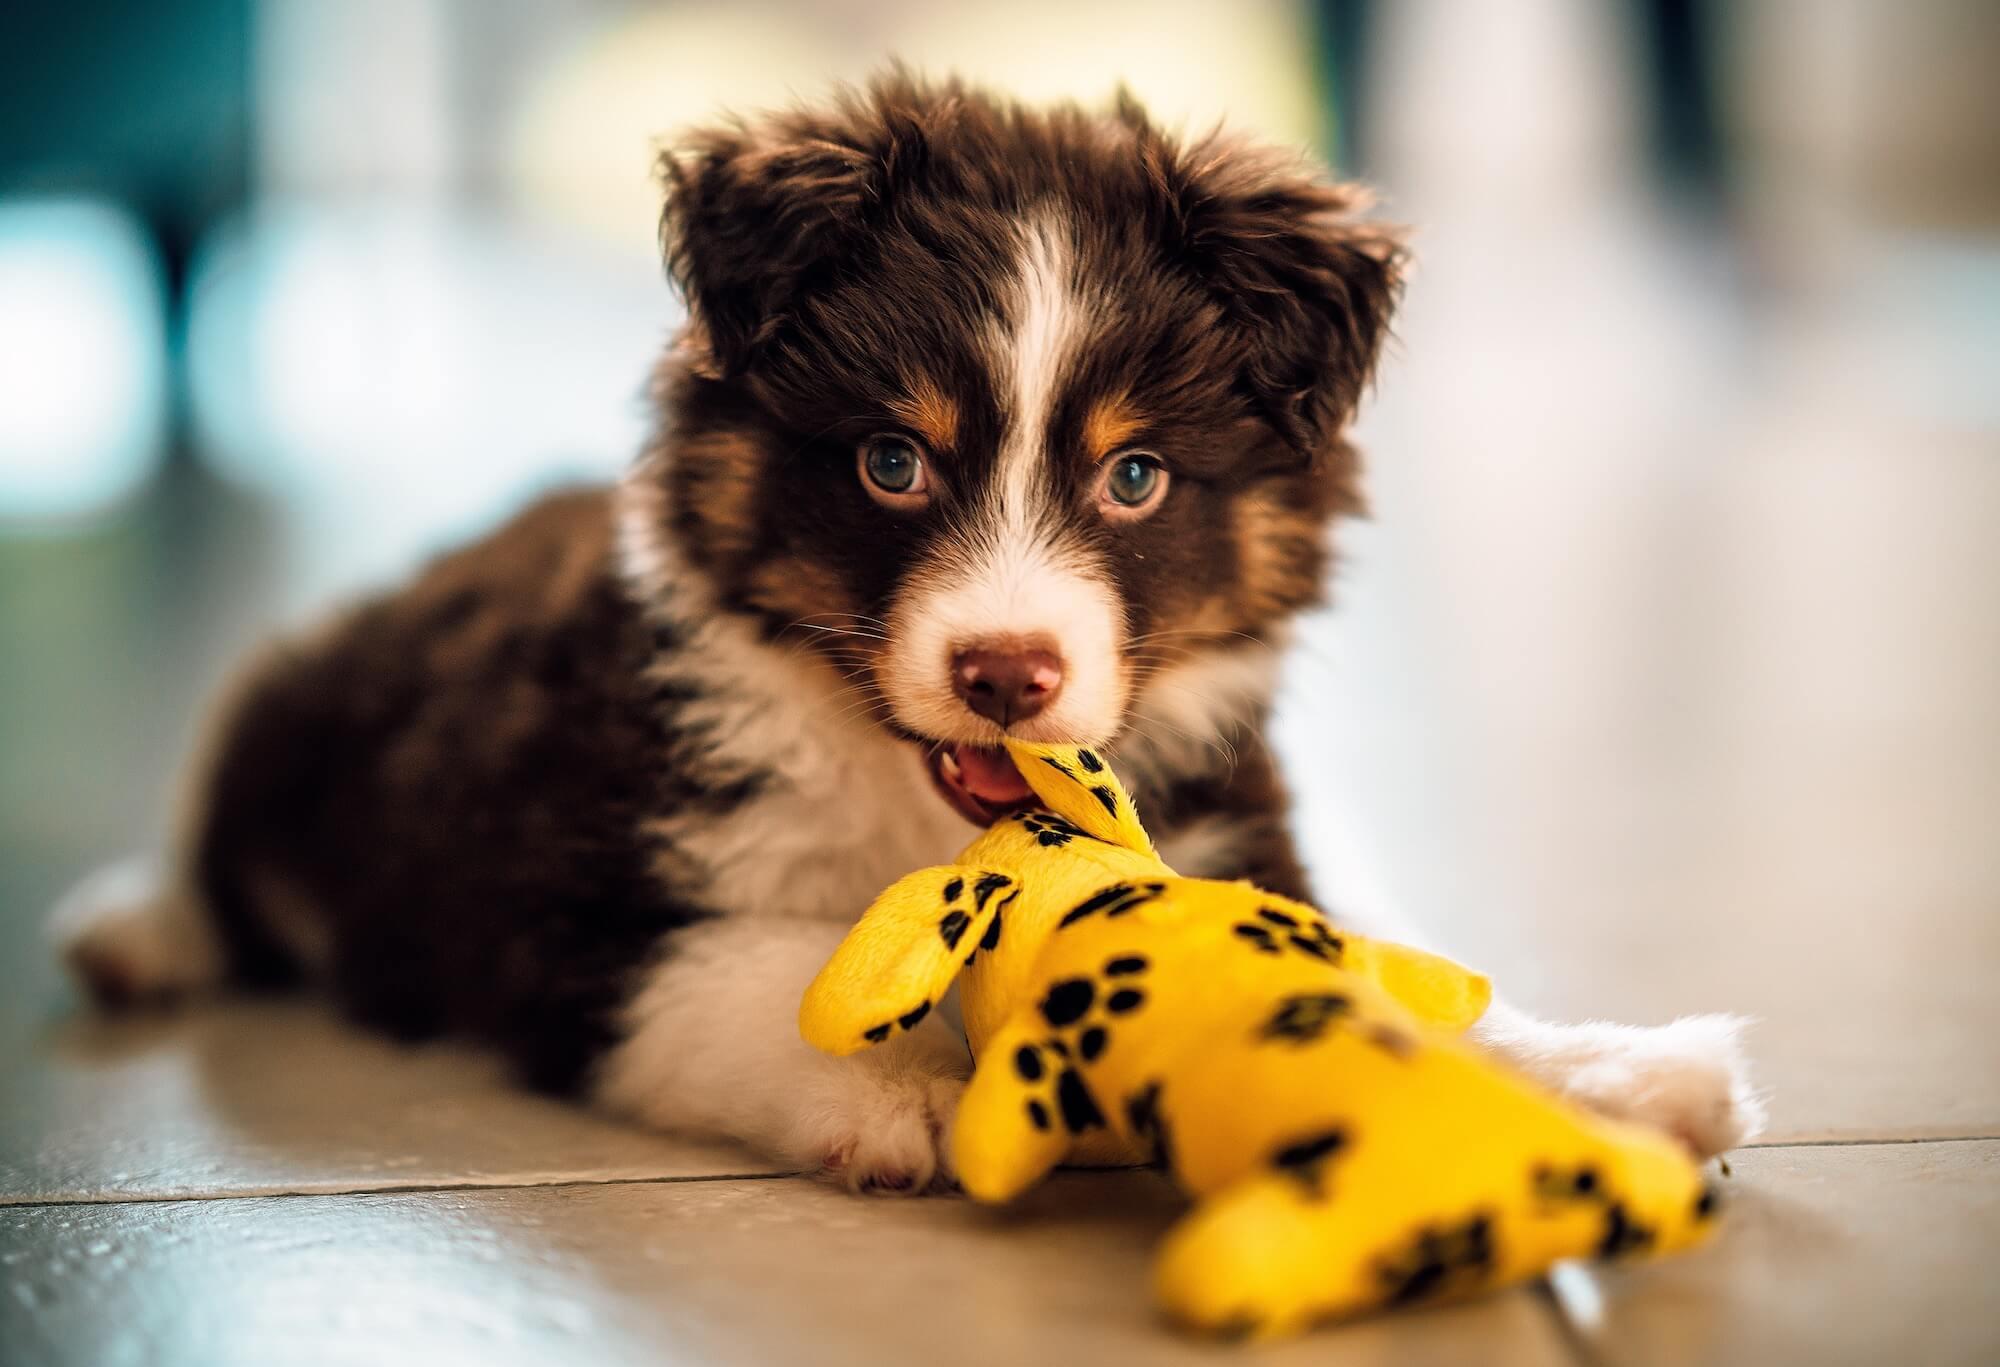 puppy-toy-5KYMK49